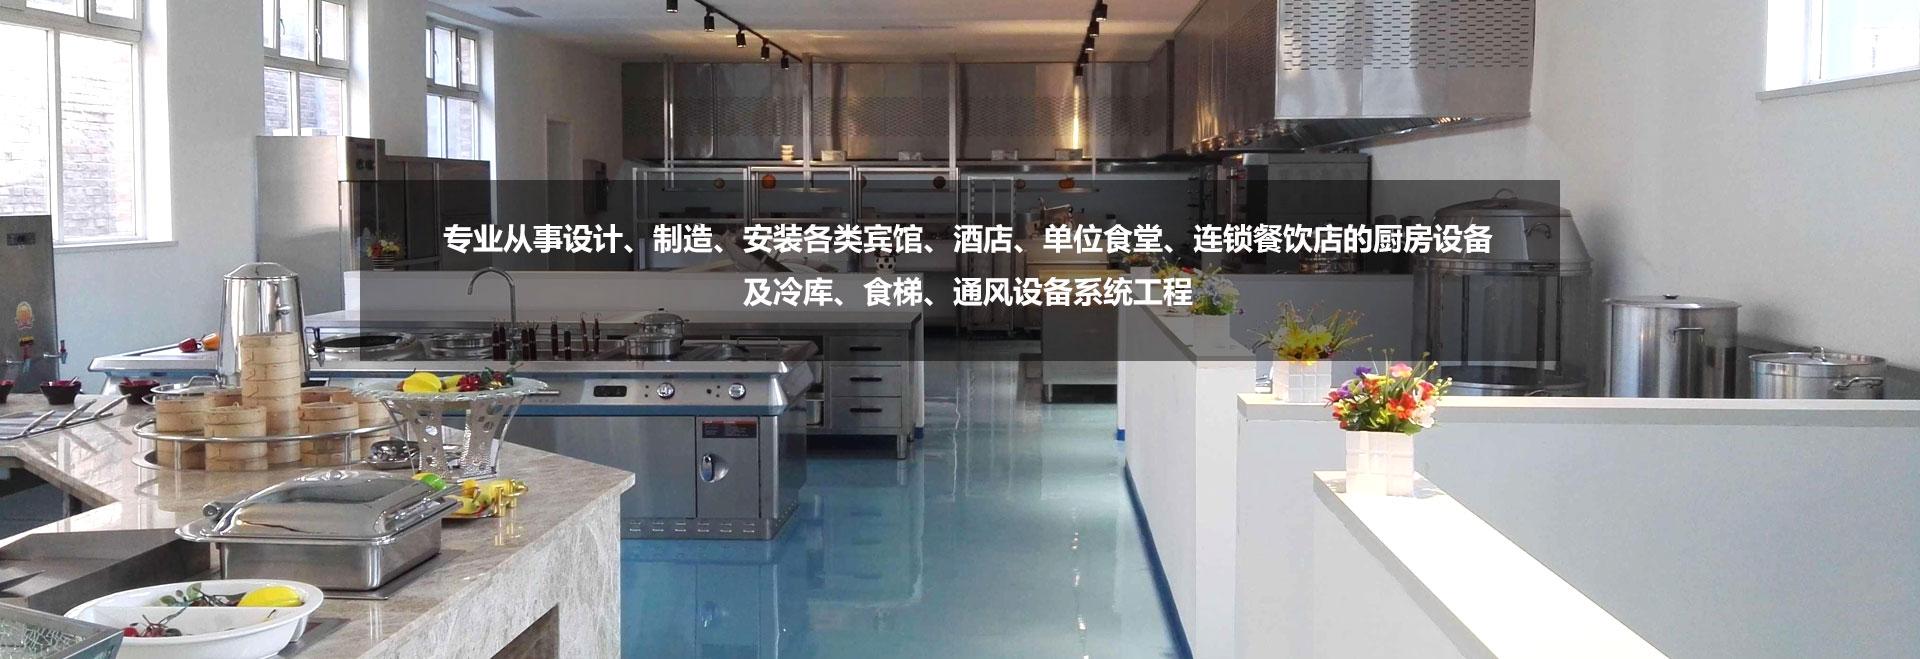 洛阳洛德厨房设备有限公司